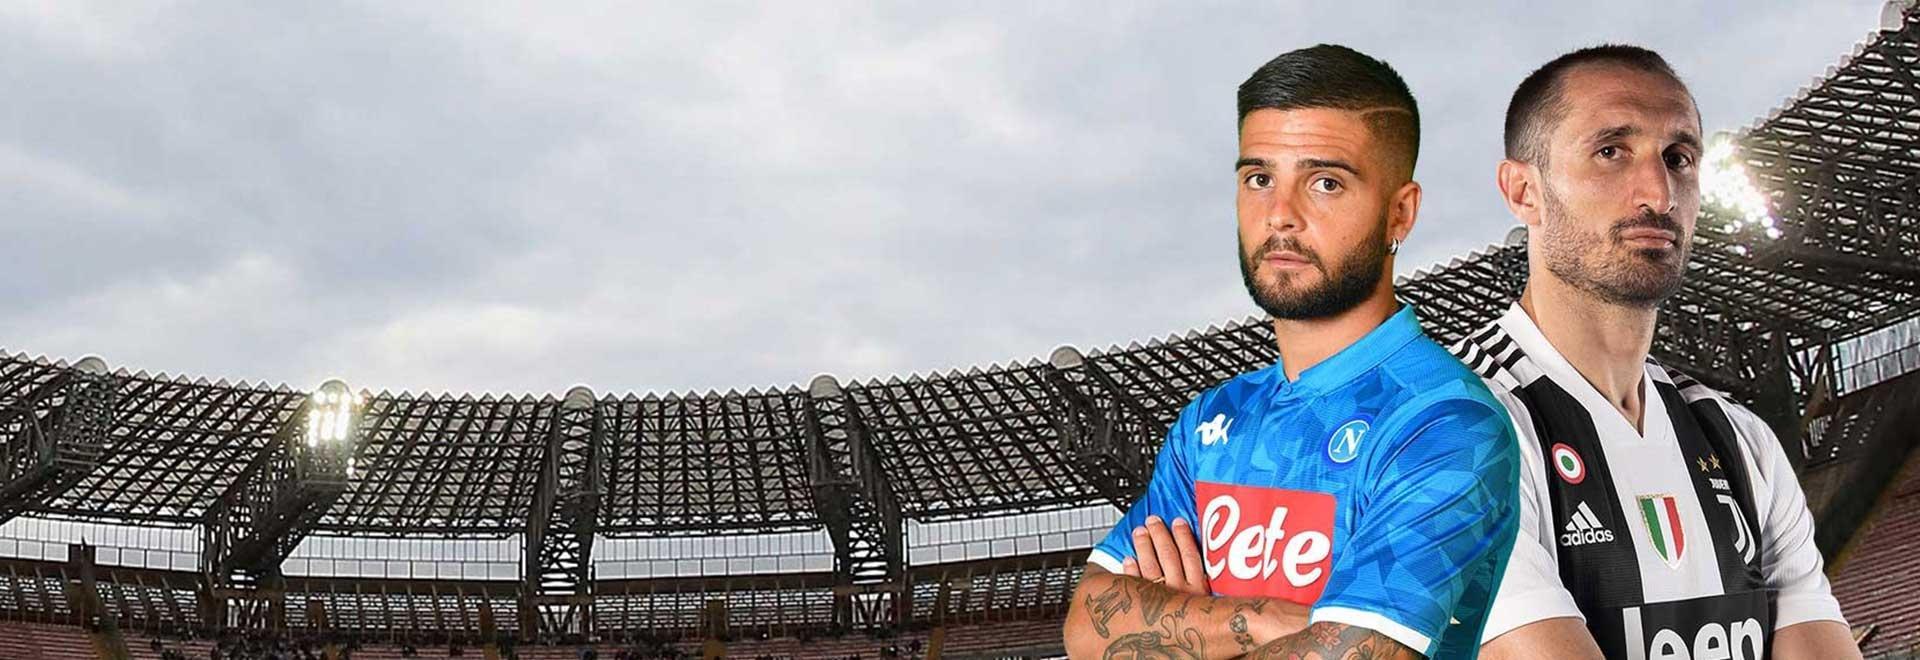 Napoli vs Juve: Parola ai capitani